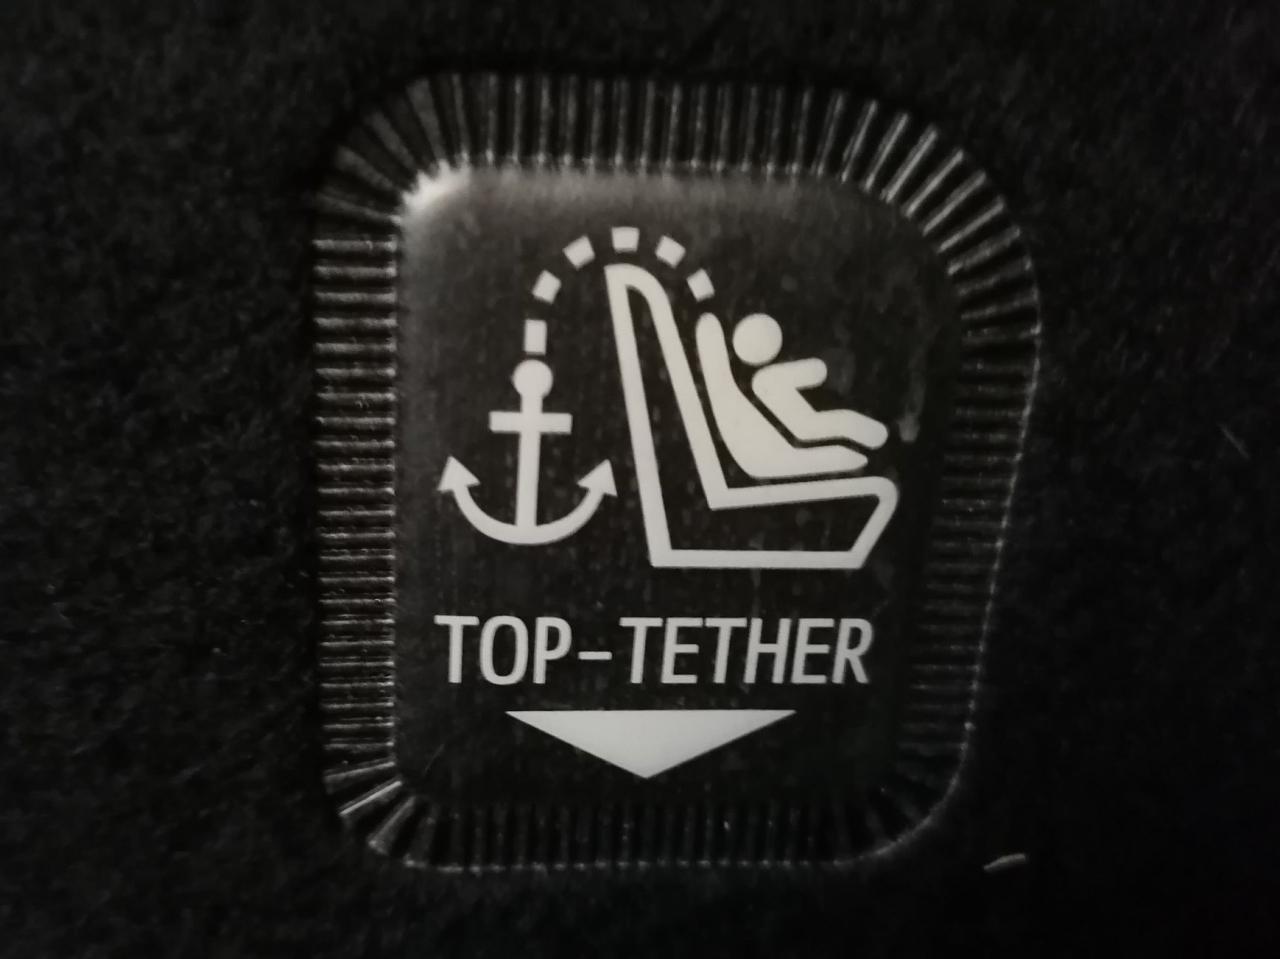 Symbol kotwicy wskazuje na uchwyt top tethera